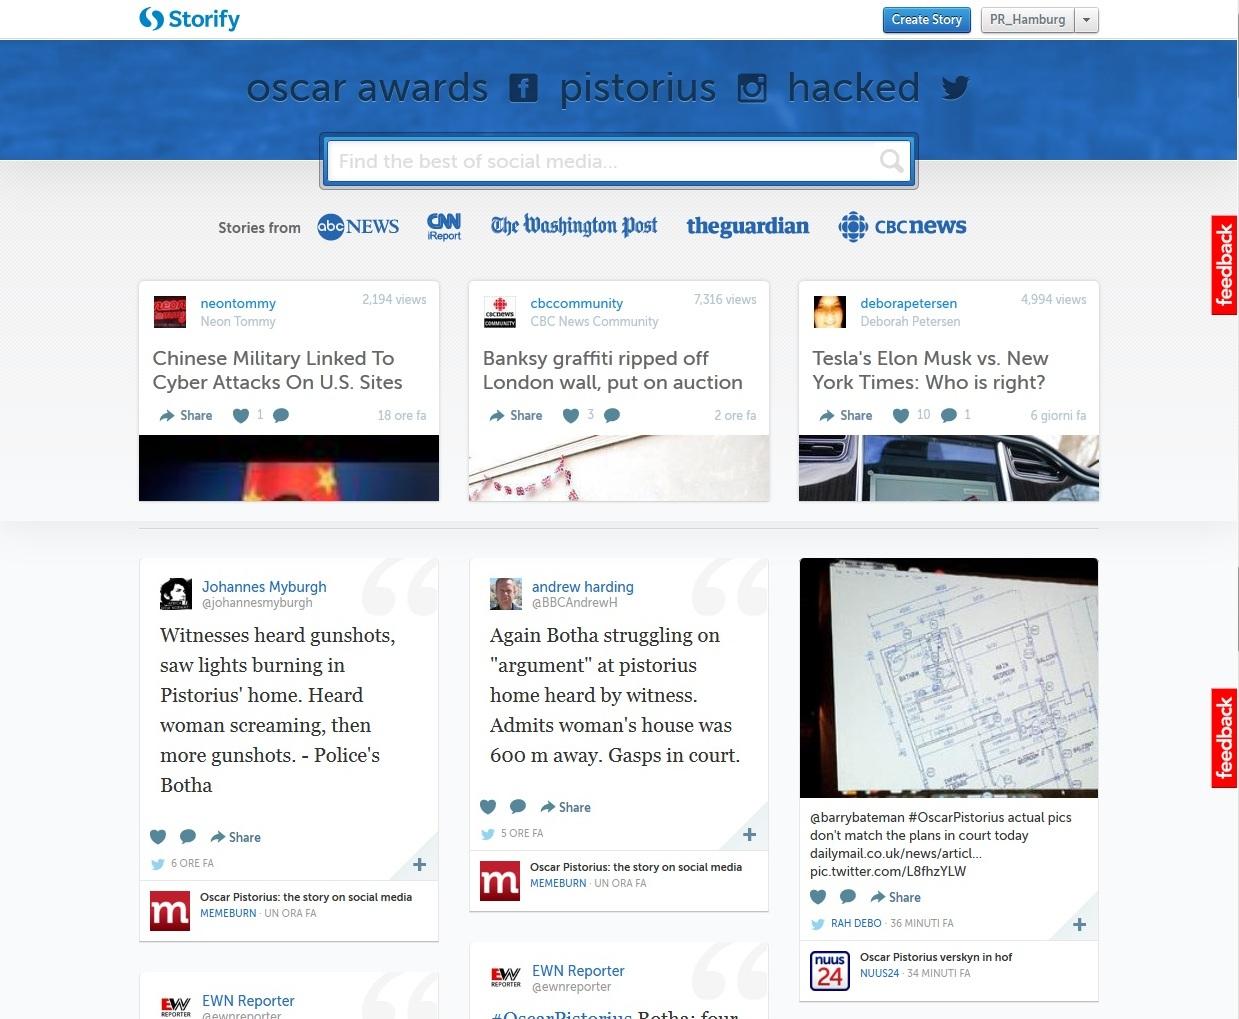 4_Storify_Startseite